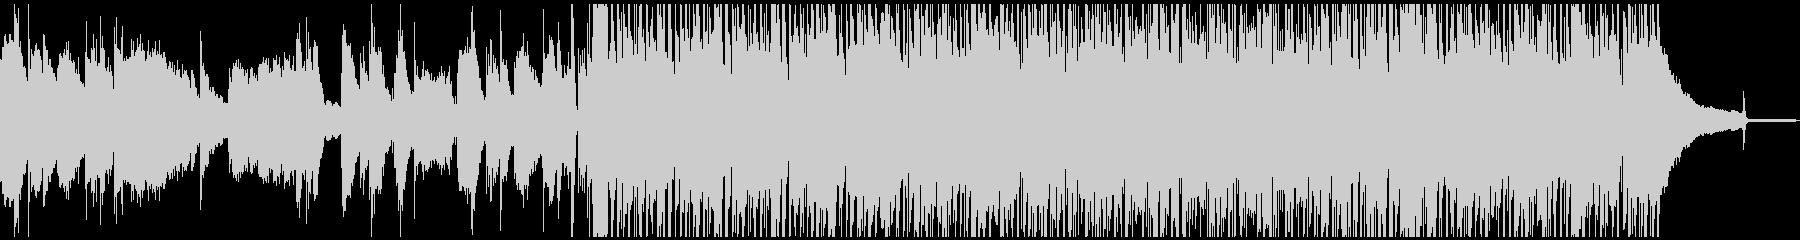 コンテンポラリーなピアノの爽やかBGMの未再生の波形